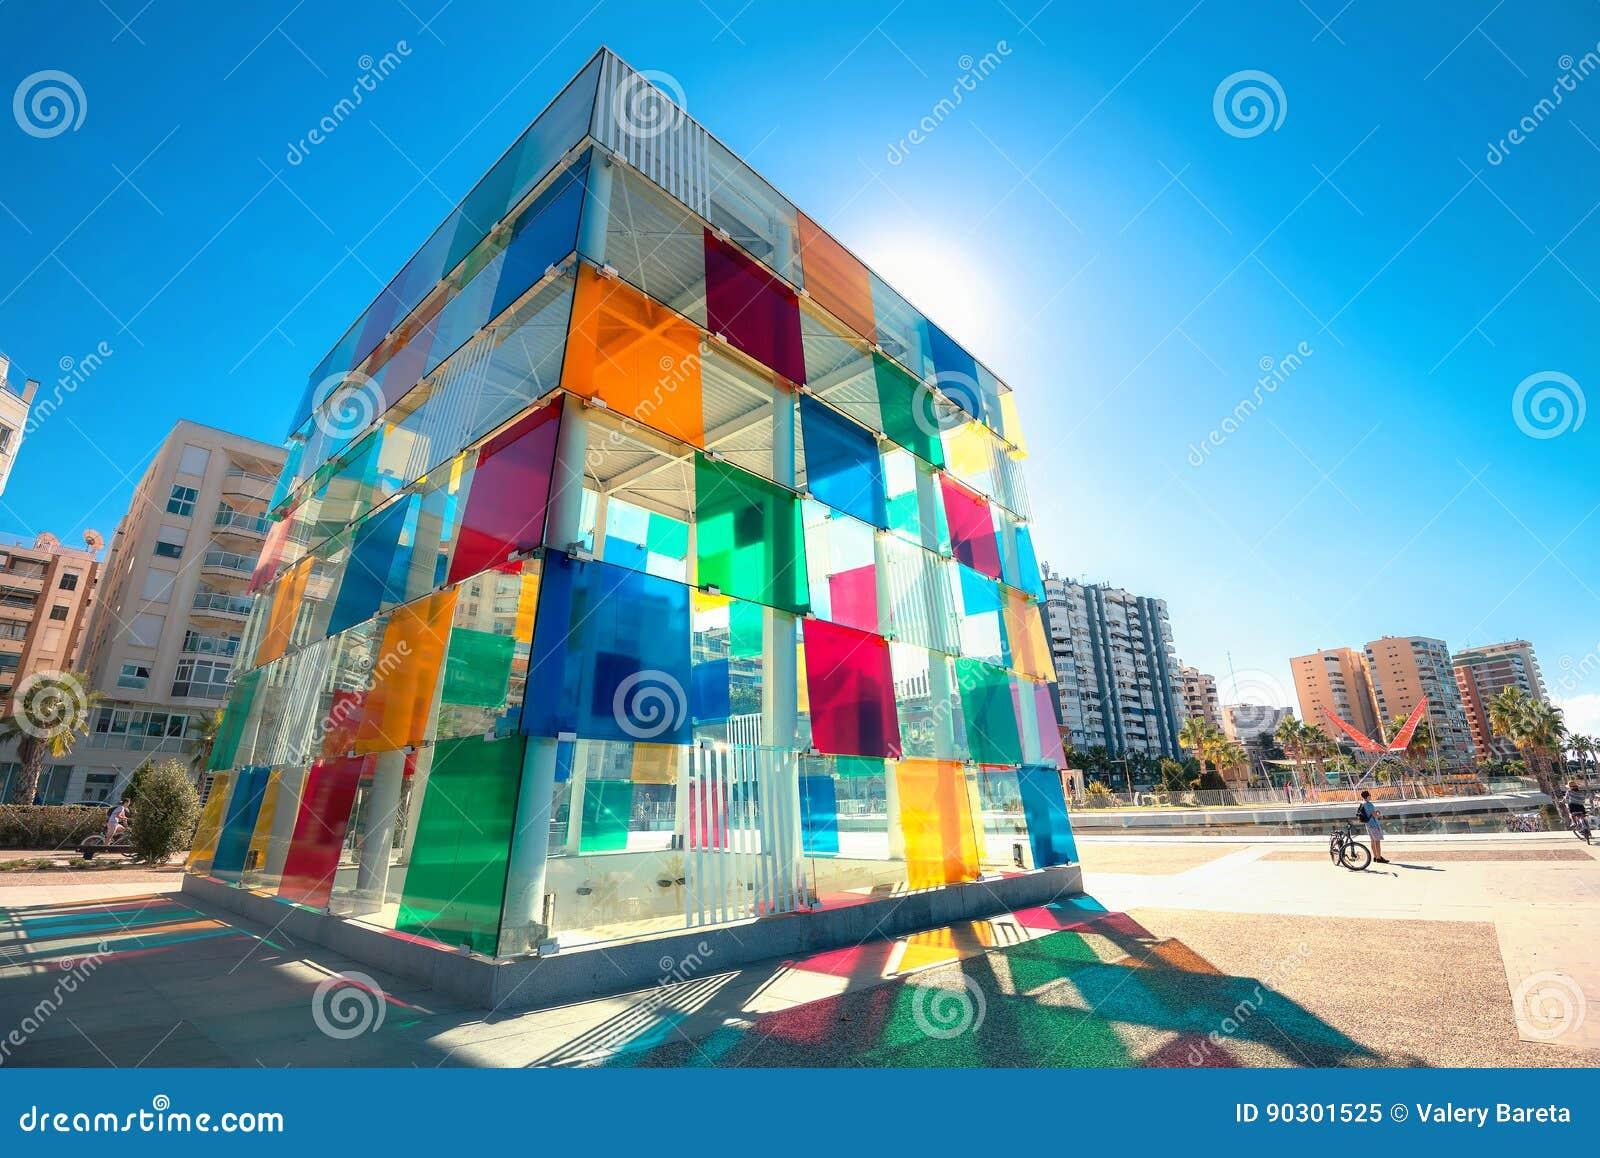 Cubo multicolor del centro contemporáneo de Pompidou del museo en Mala